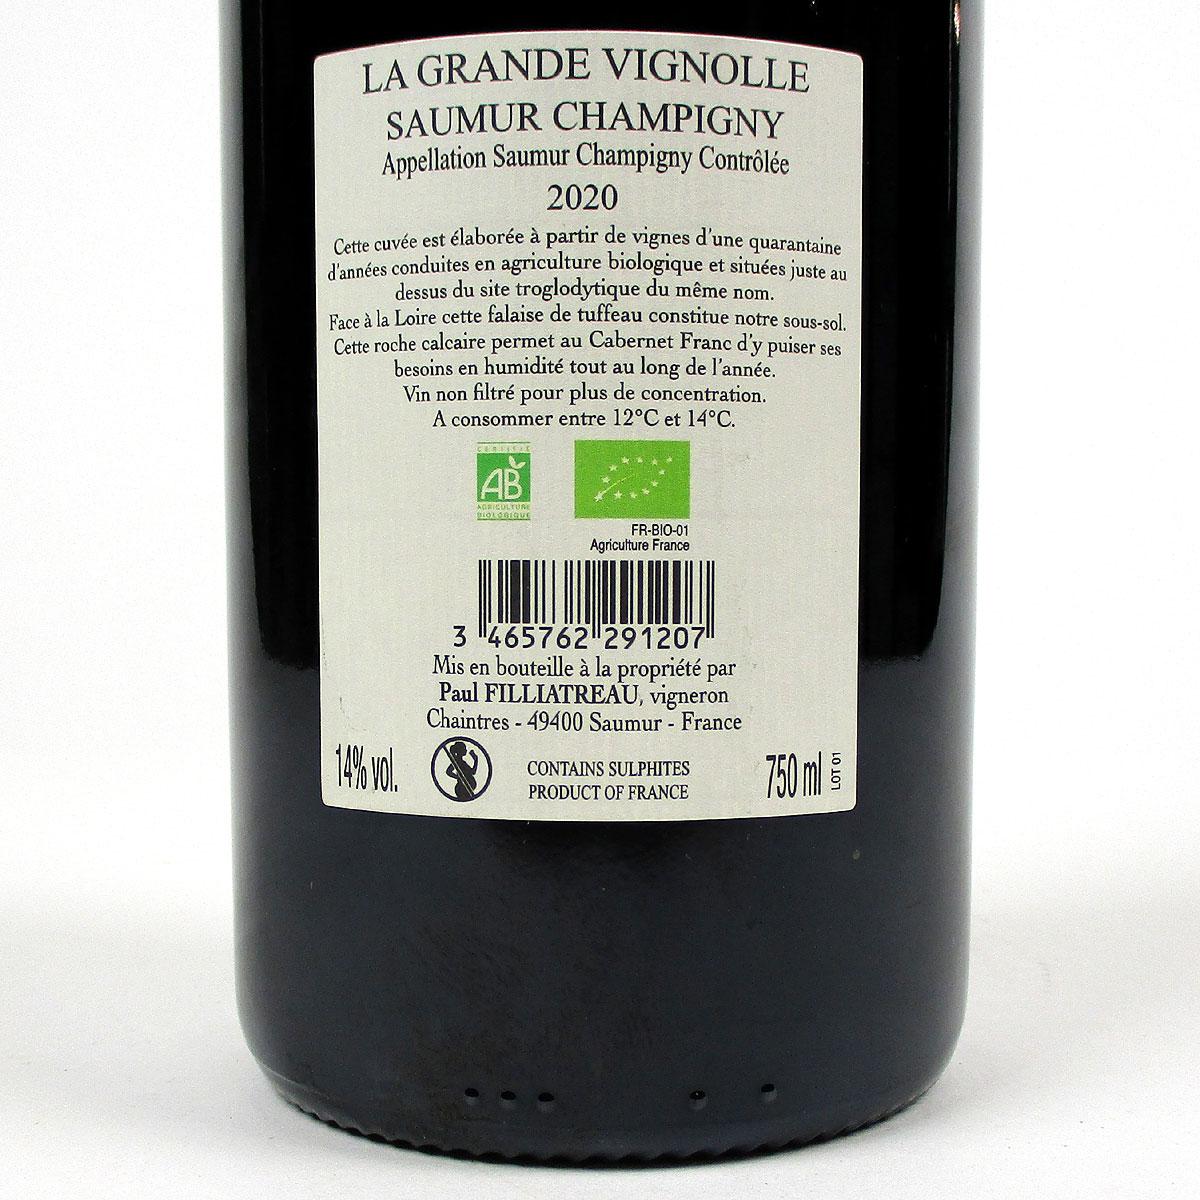 Saumur Champigny: Domlaine Filliatreau 'La Grande Vignolle' 2020 - Bottle Rear Label